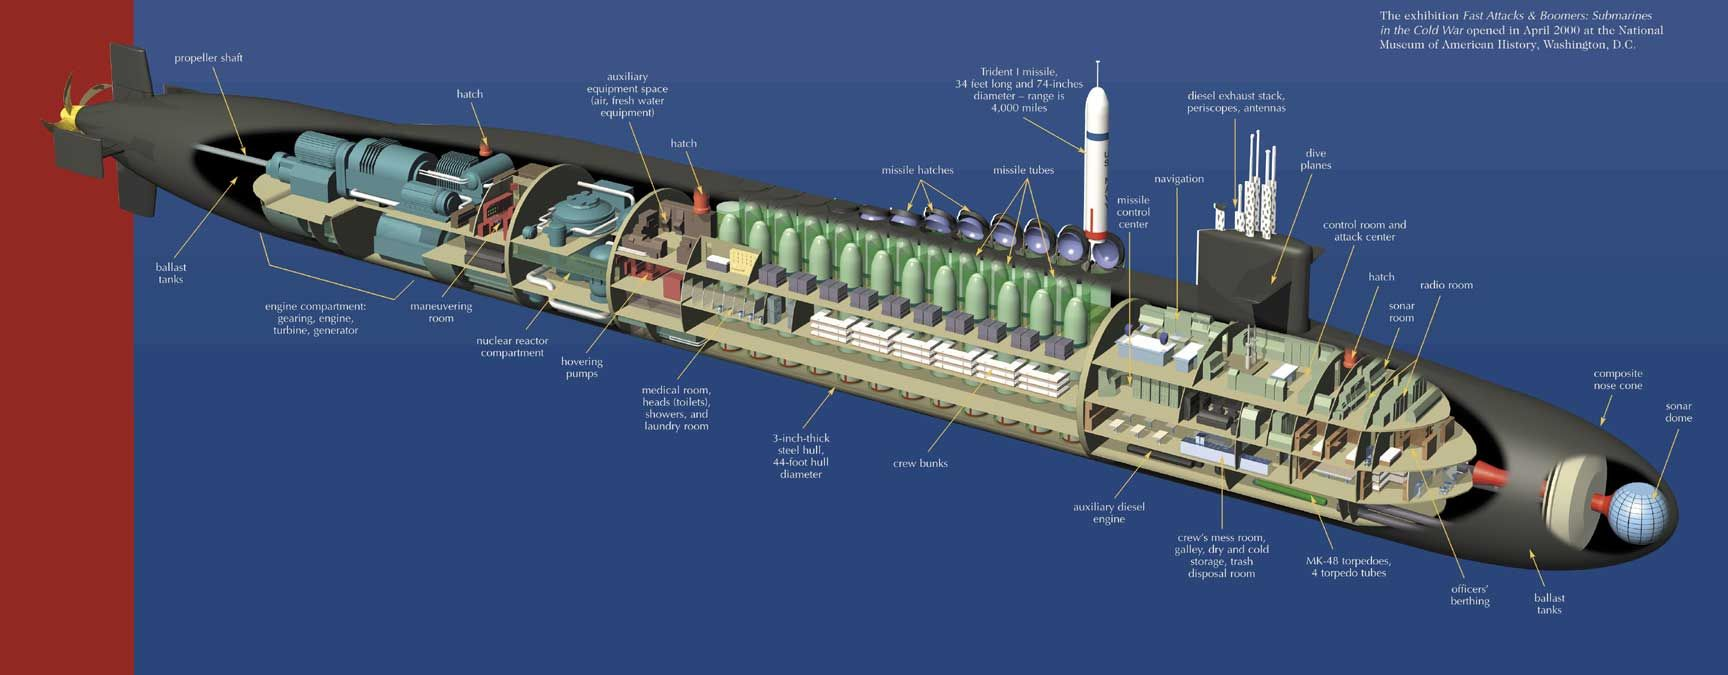 ohio class boomer submarine [ 1728 x 675 Pixel ]